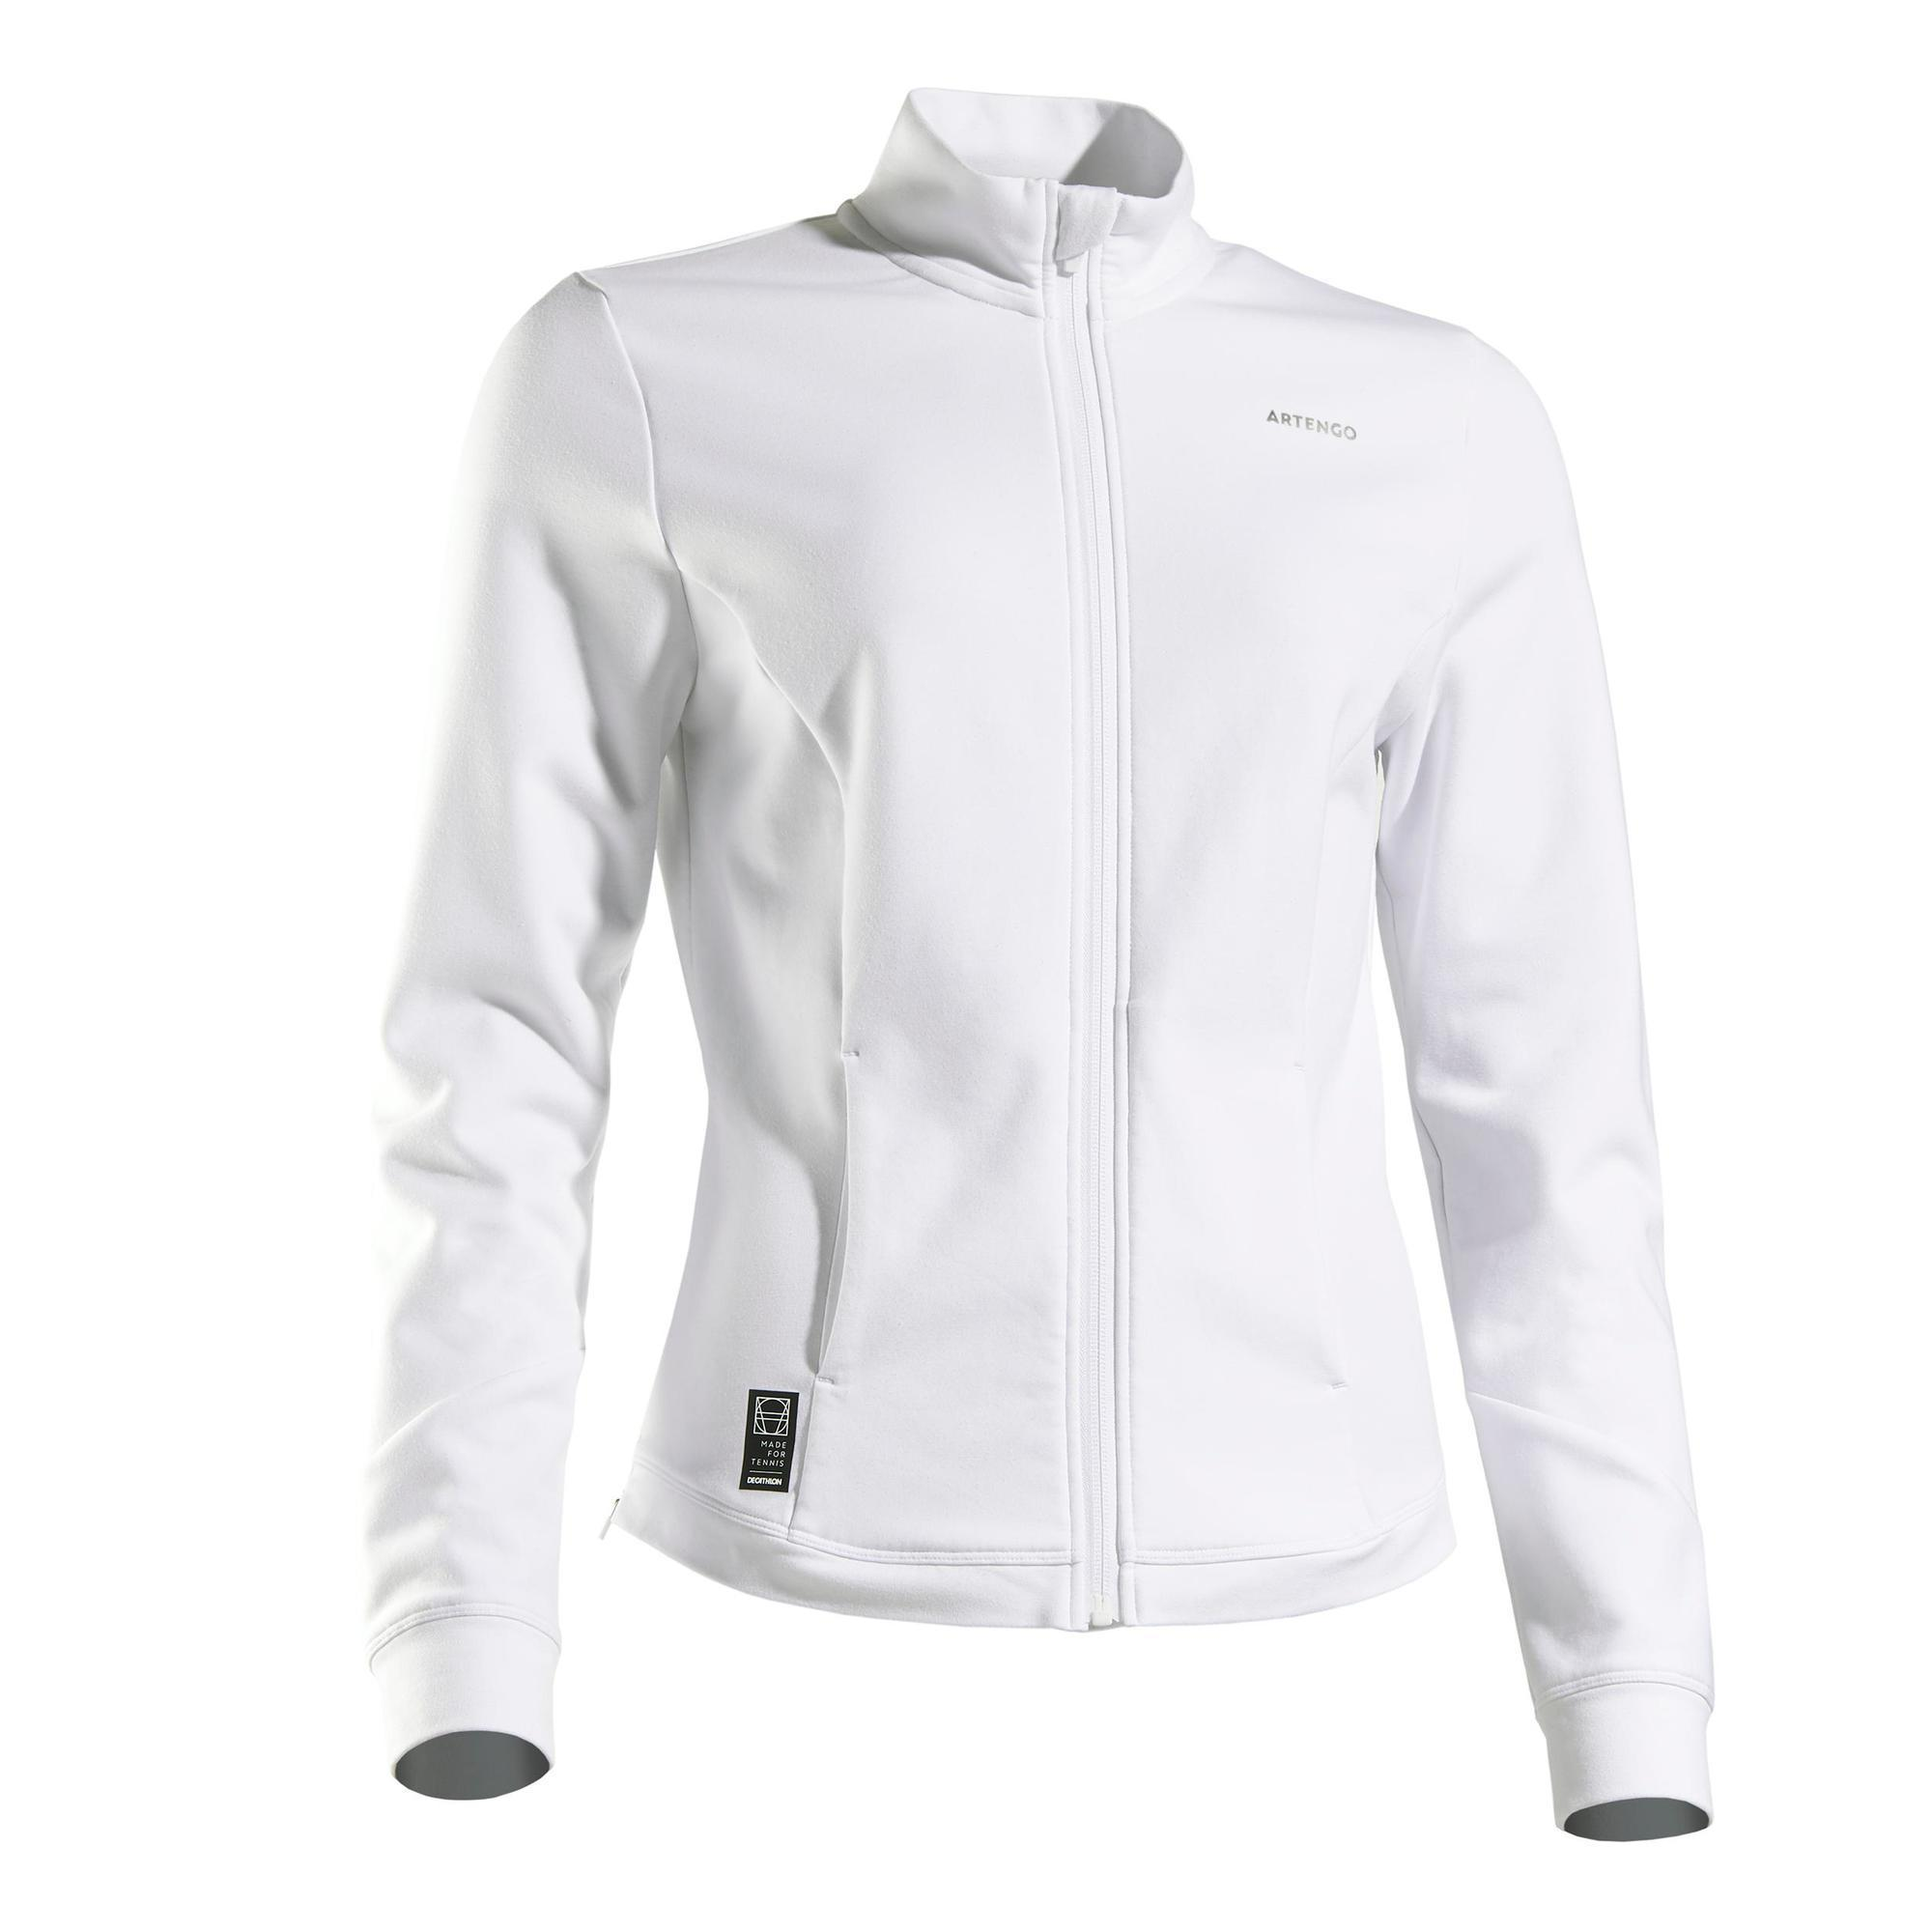 Tennisjacke Trainingsjacke JK Dry 900 Damen   Sportbekleidung > Sportjacken > Trainingsjacken   Artengo